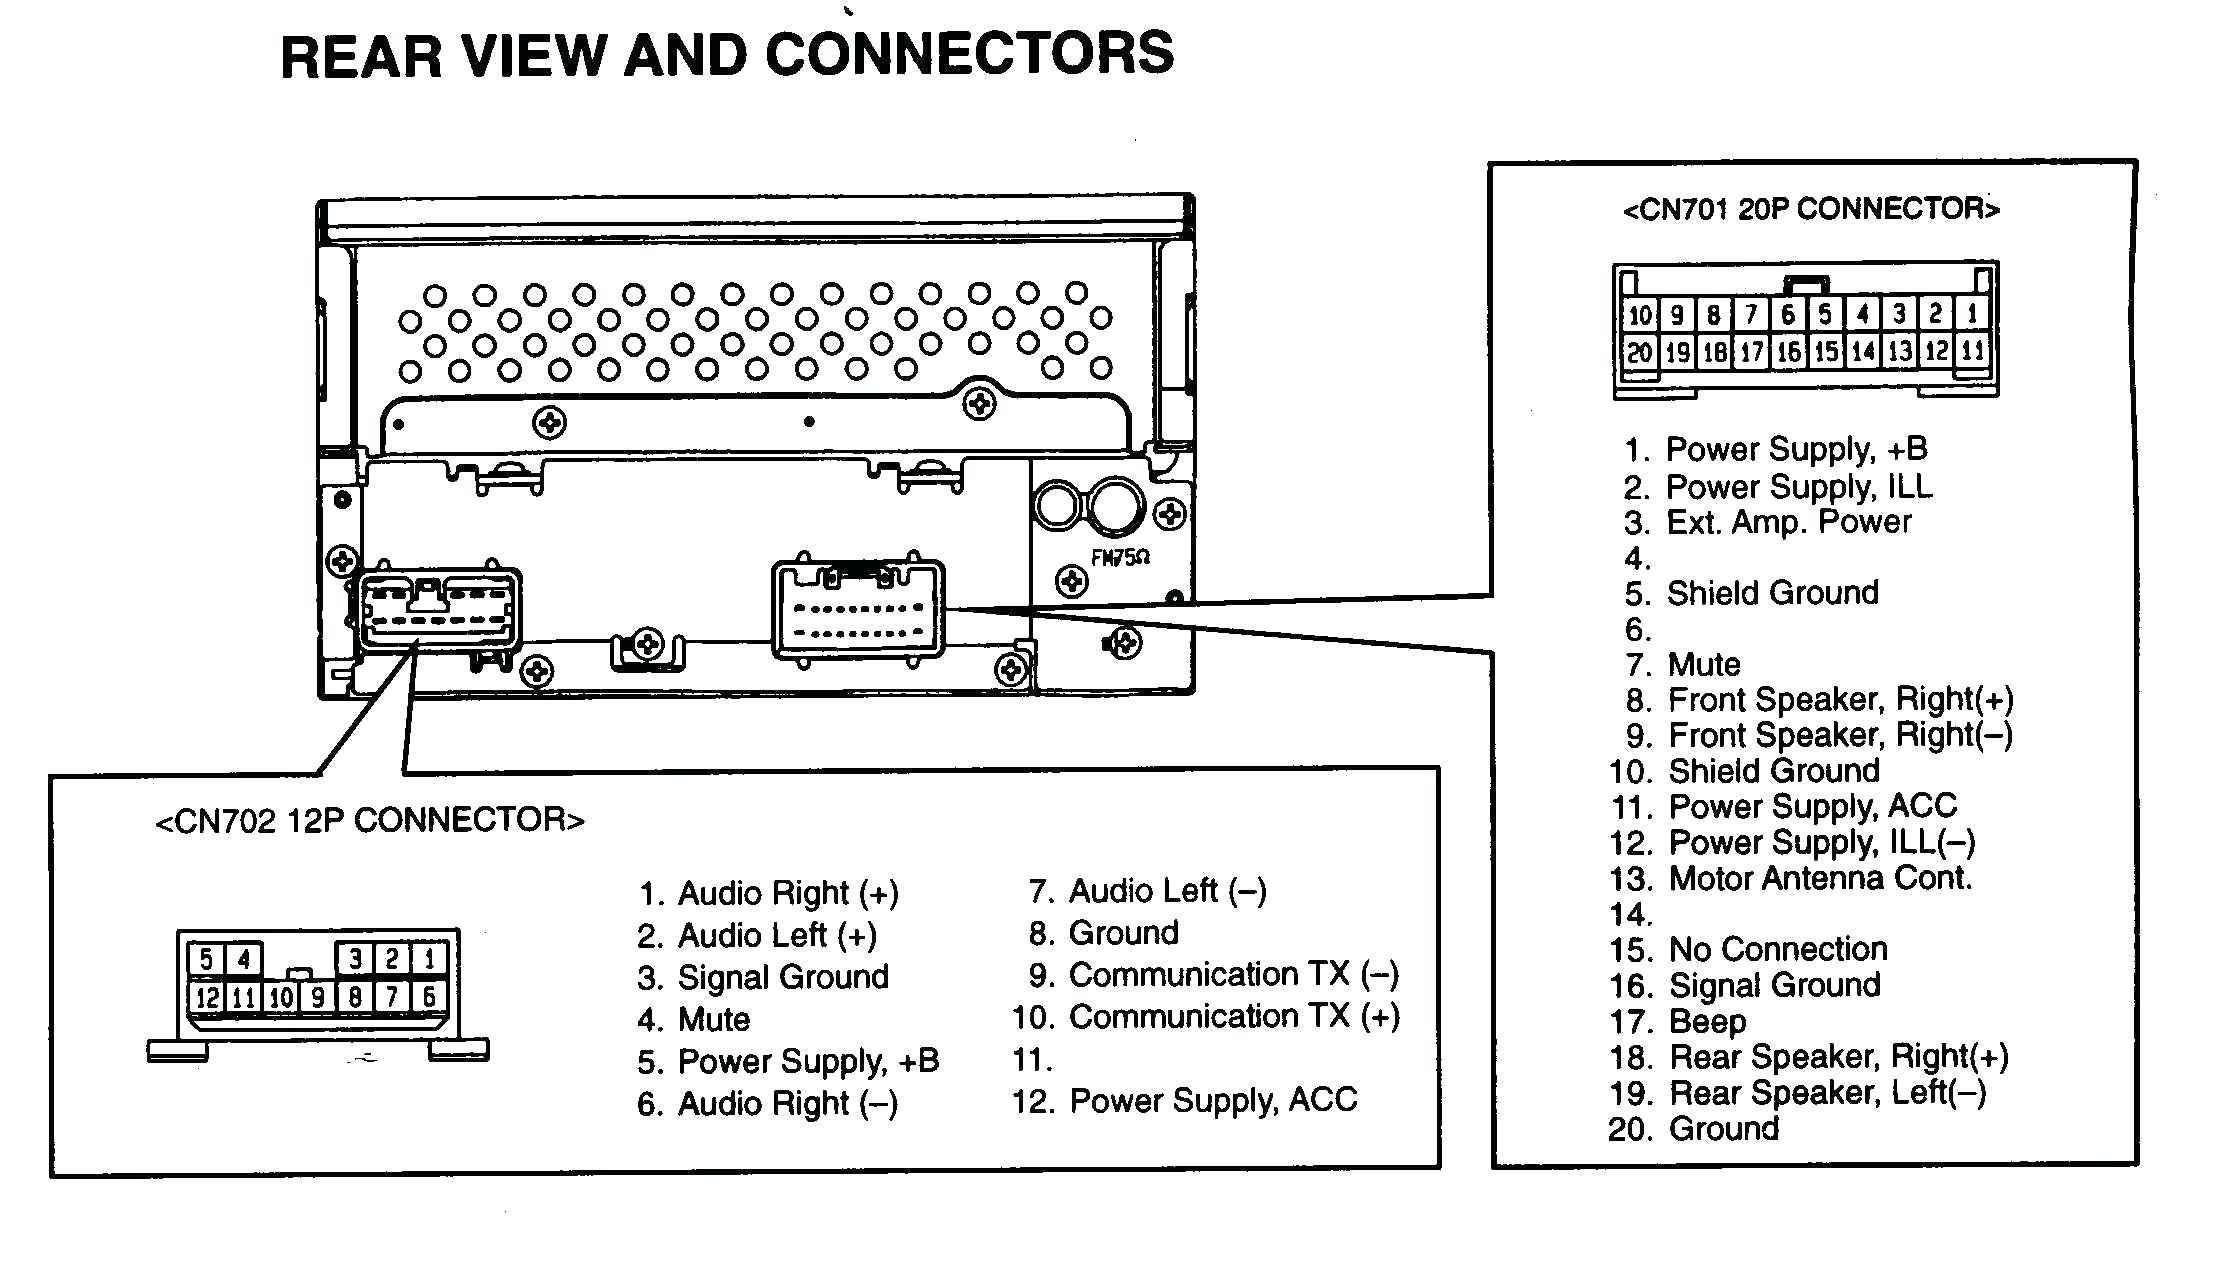 7 2 amp motor wiring diagram wiring diagram pass 7 2 amp motor wiring diagram [ 2226 x 1266 Pixel ]